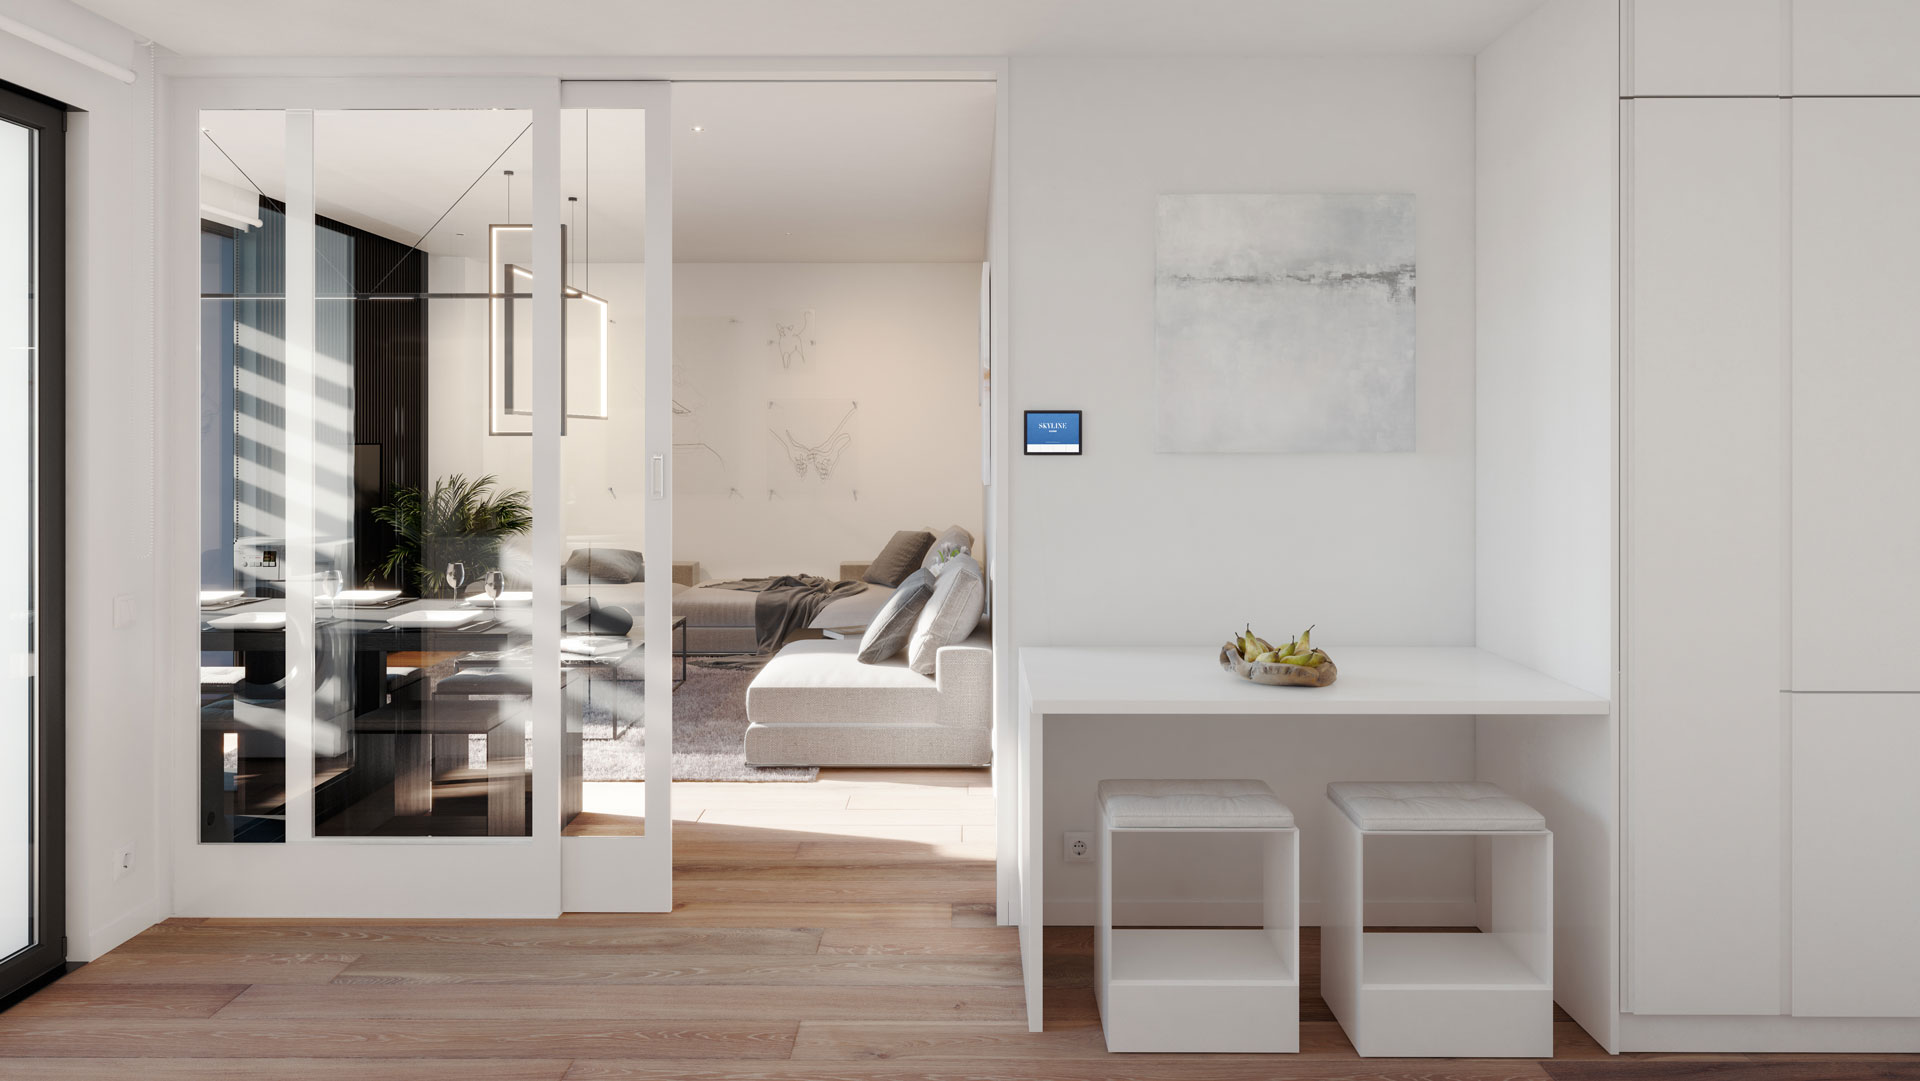 Cocina vivienda 3 dormitorios con puerta corredera separativa